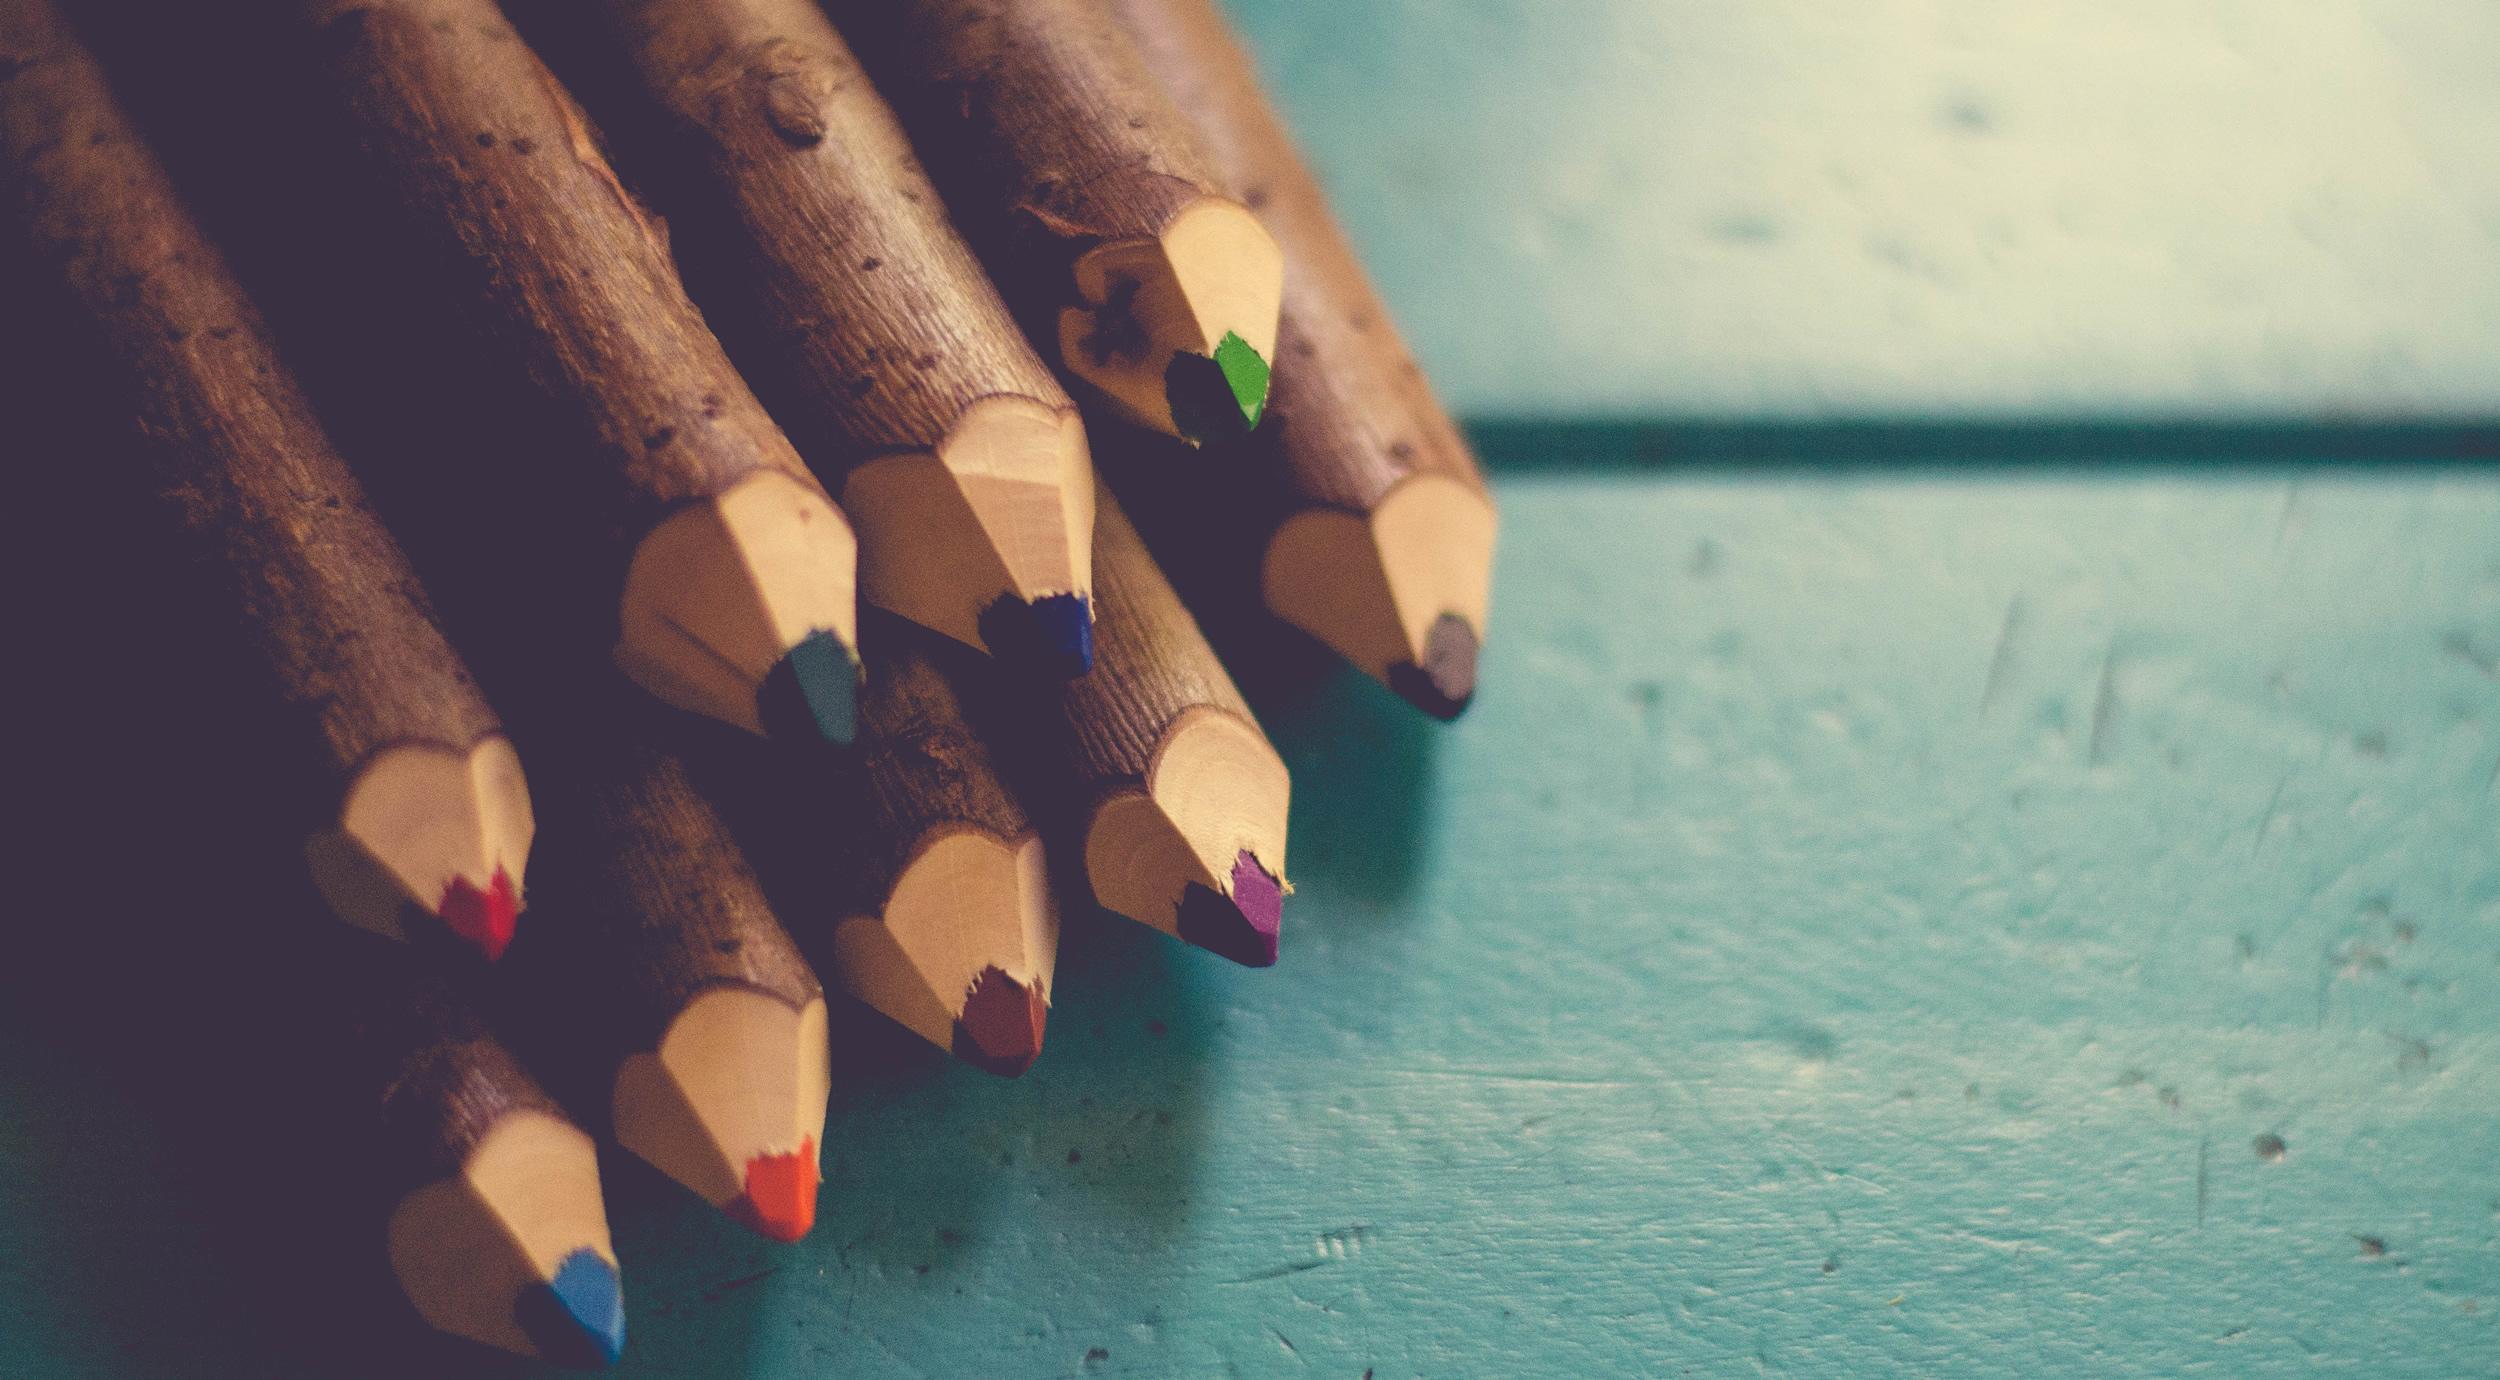 crayola-blank.jpg